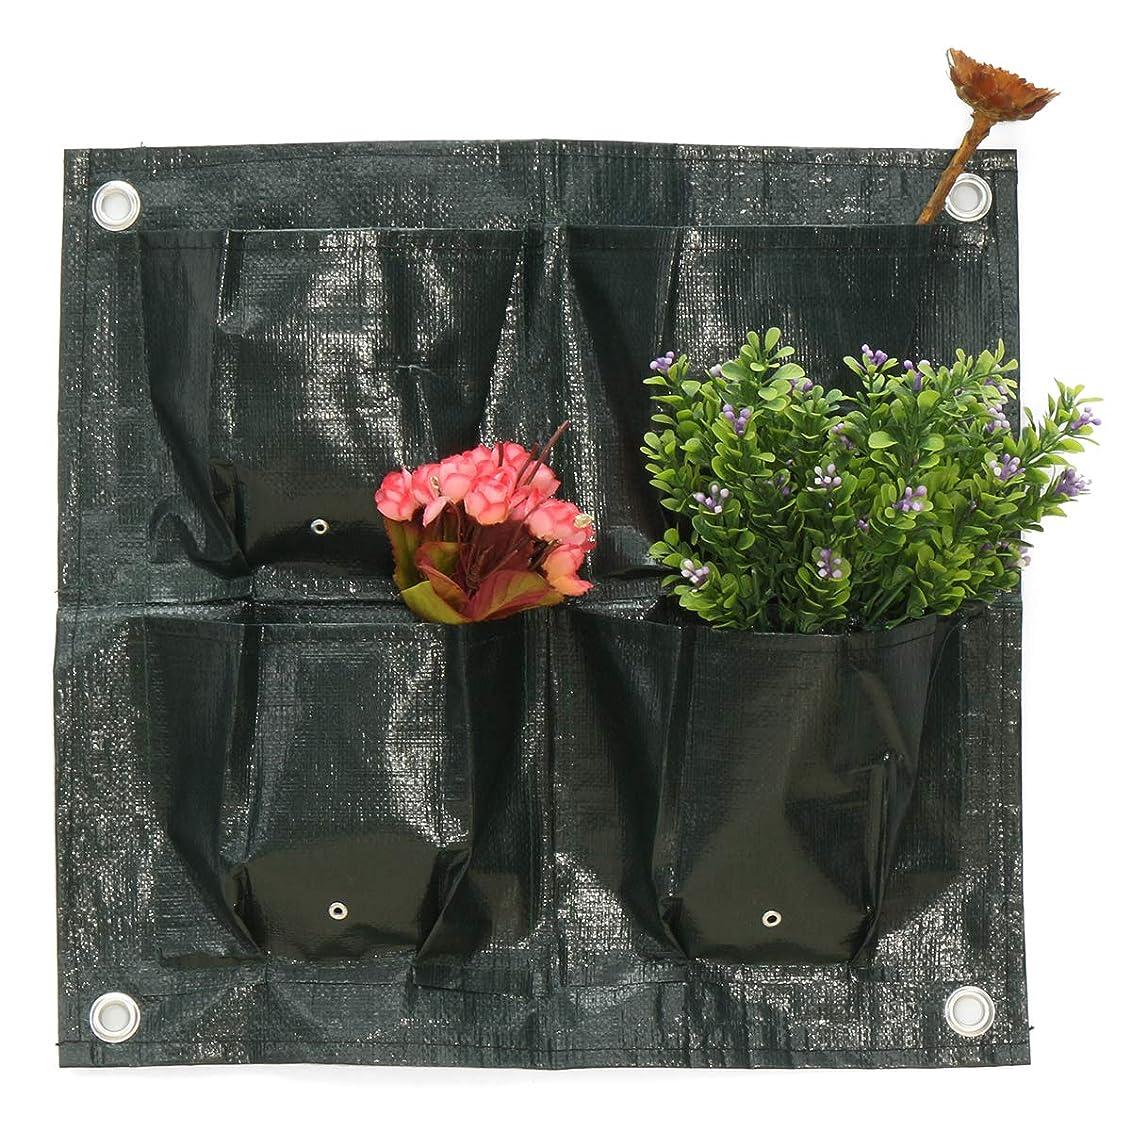 に頼るバルク思い出Queenwind 4 ポケットホームガーデンバルコニー植物袋ぶら下げフラワーポット PE 植栽成長袋